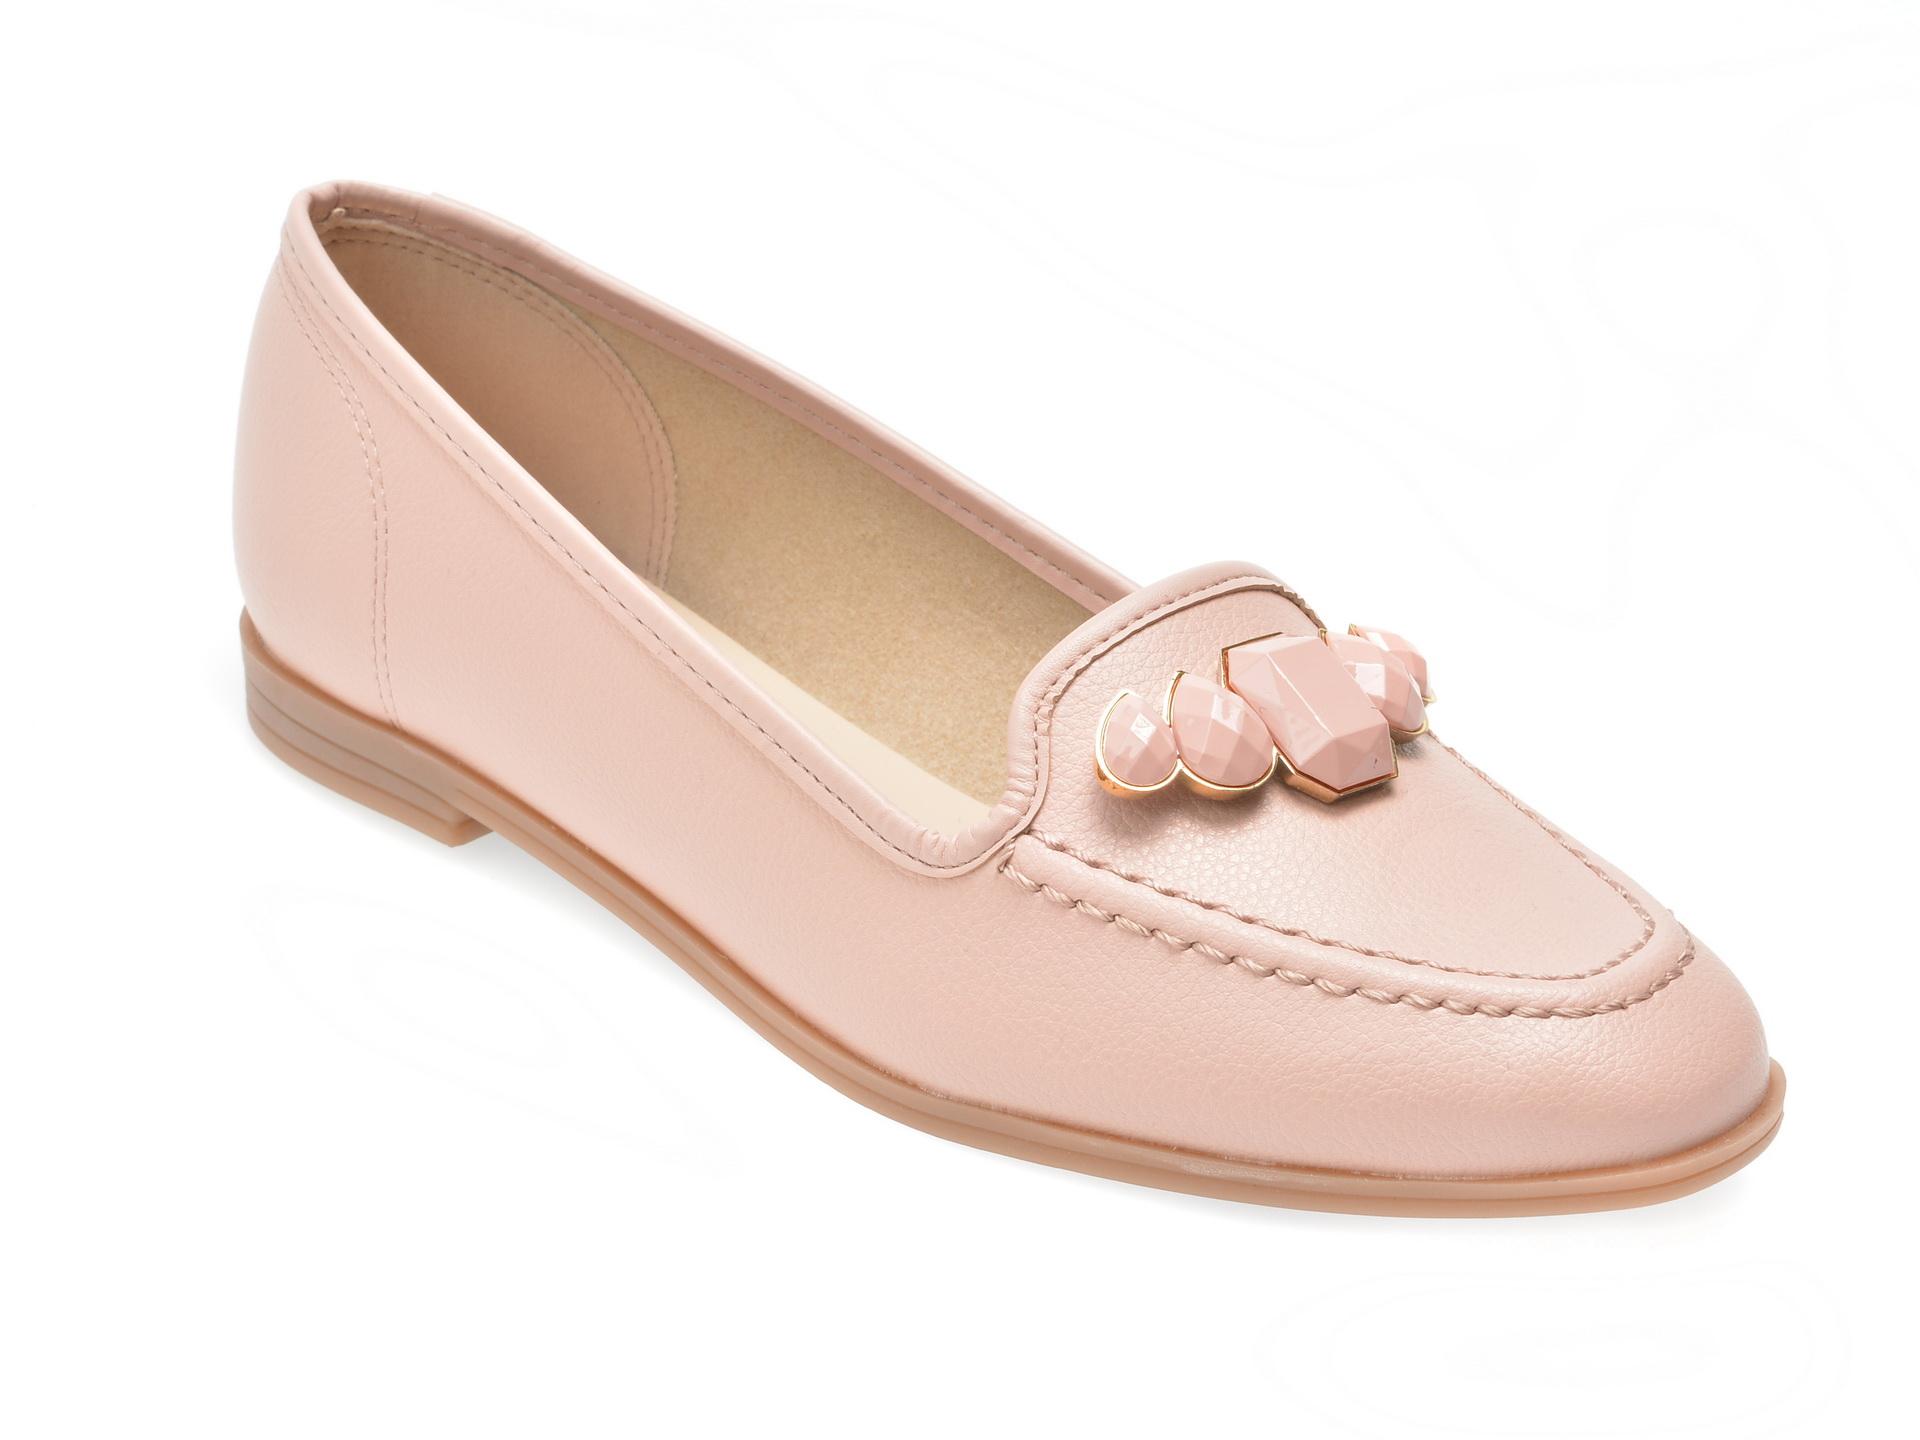 Pantofi roz, 5639102, din piele ecologica